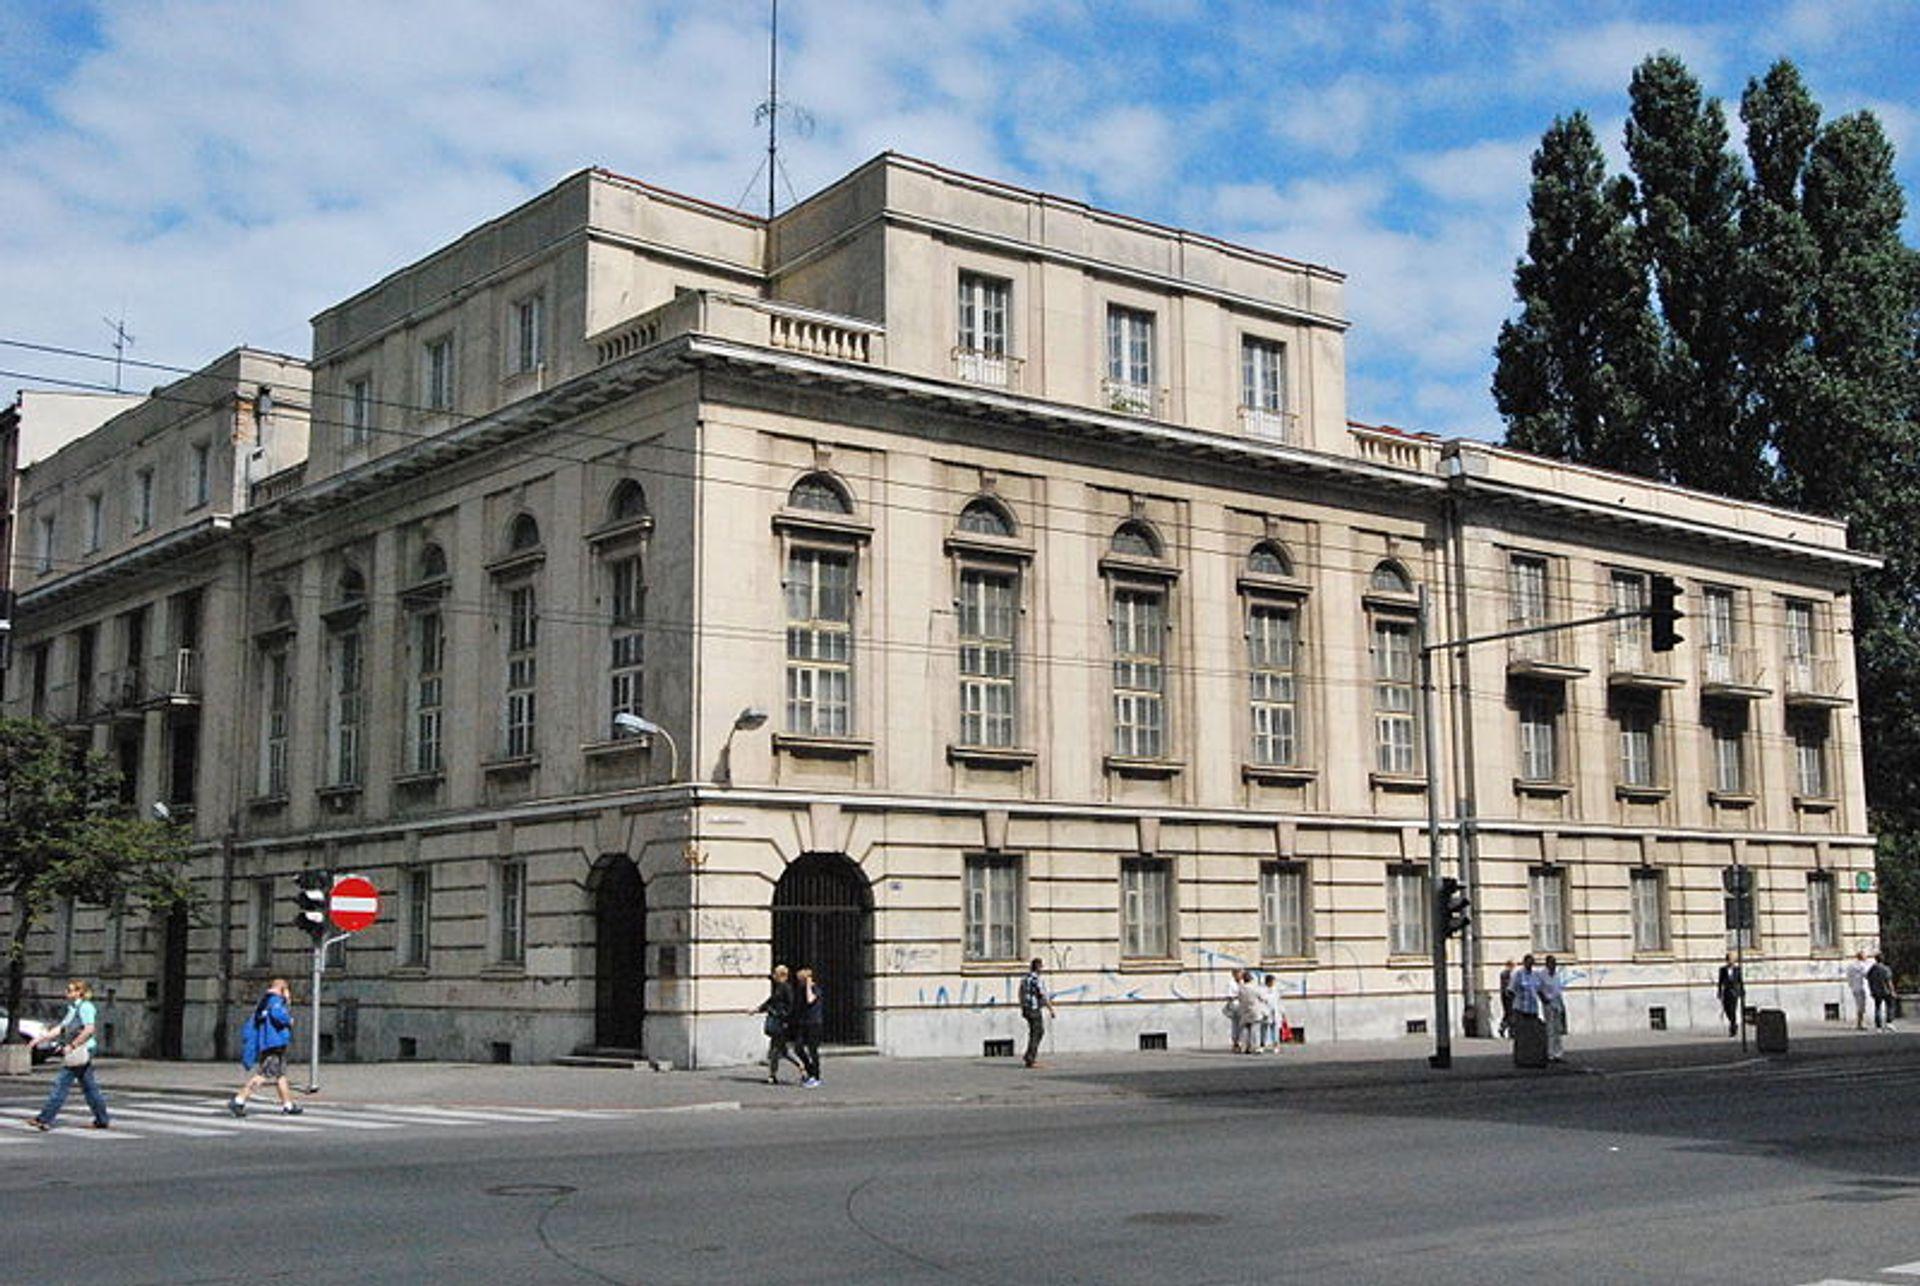 [Gdynia] Luksusowy hotel w zabytkowym Banku Polskim w Gdyni